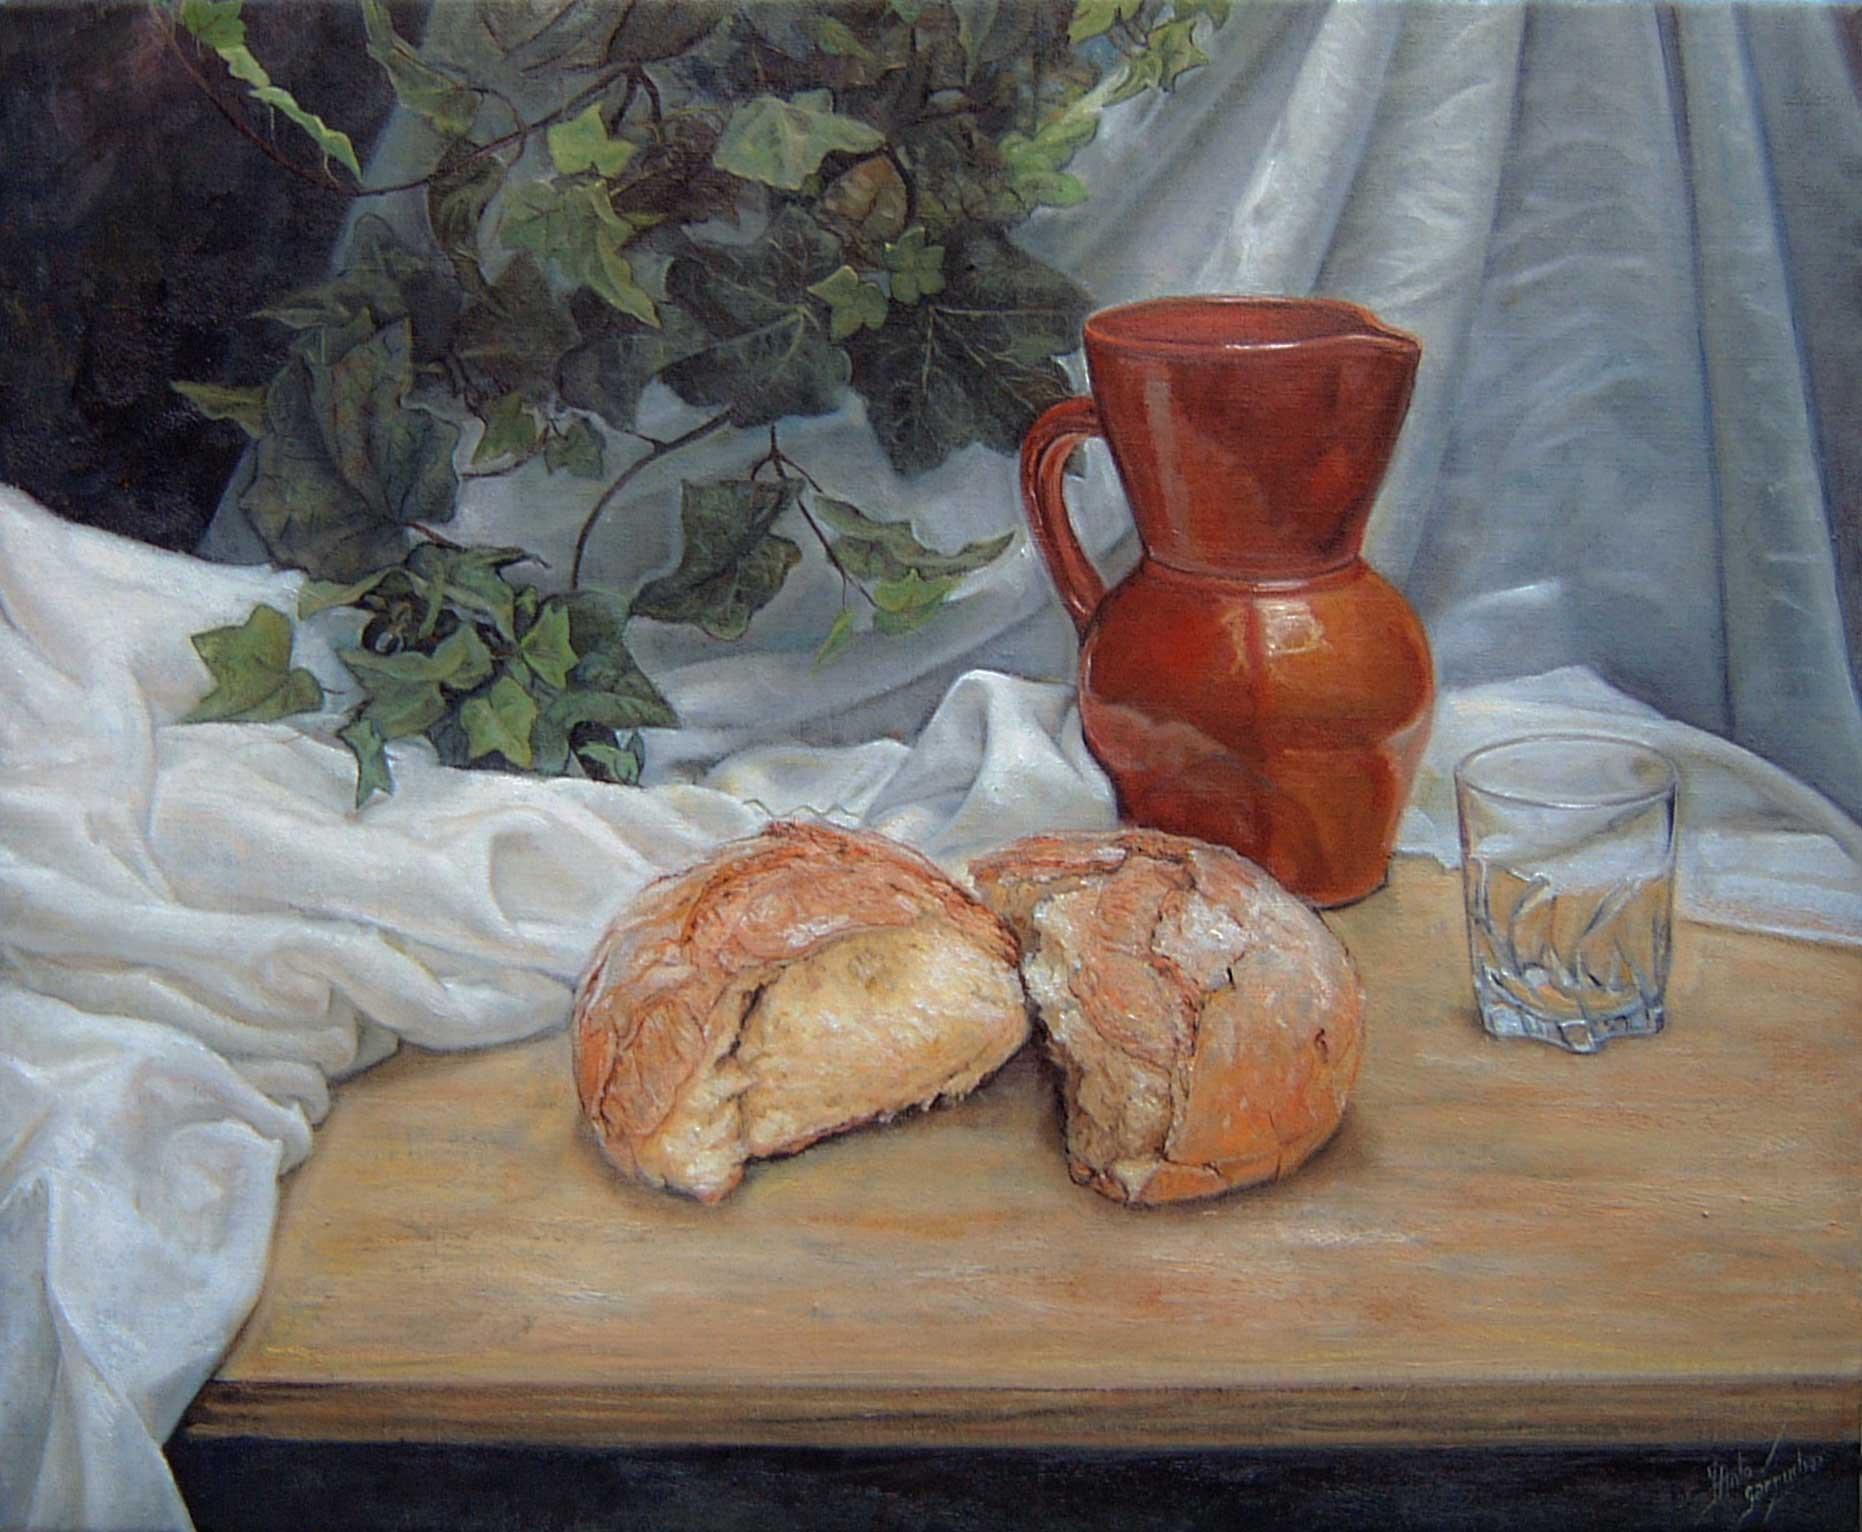 Pan, hiedra y jarra